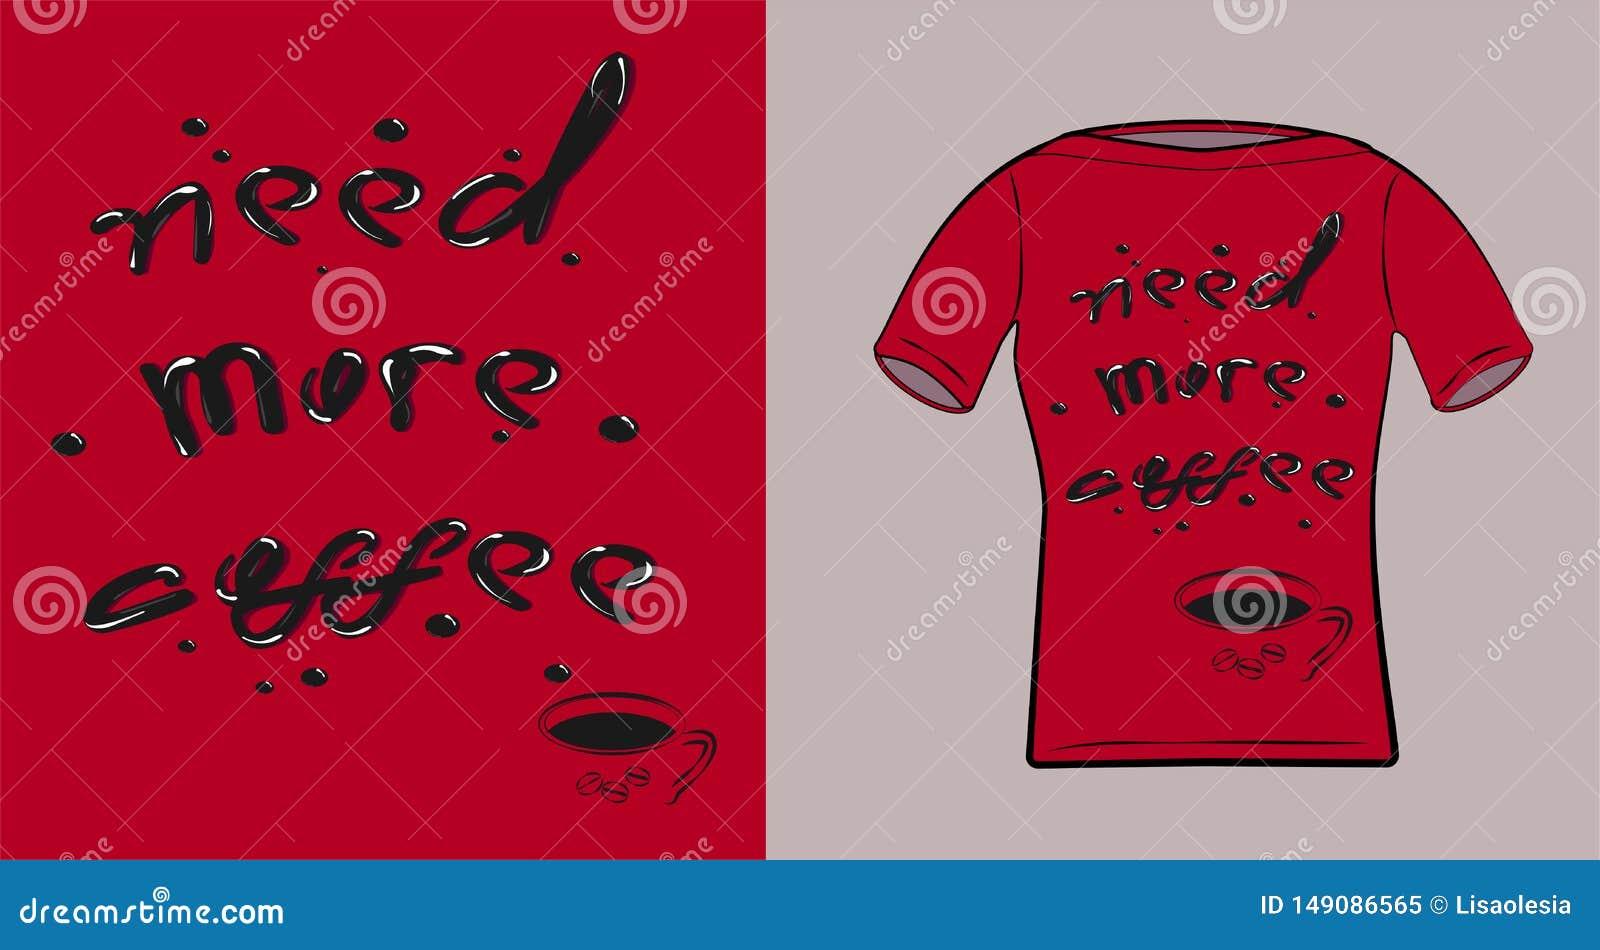 Iscrizione disegnata a mano Abbia bisogno di più caffè - iscrizione per abito sulla camicia, la maglia con cappuccio, caffè inter